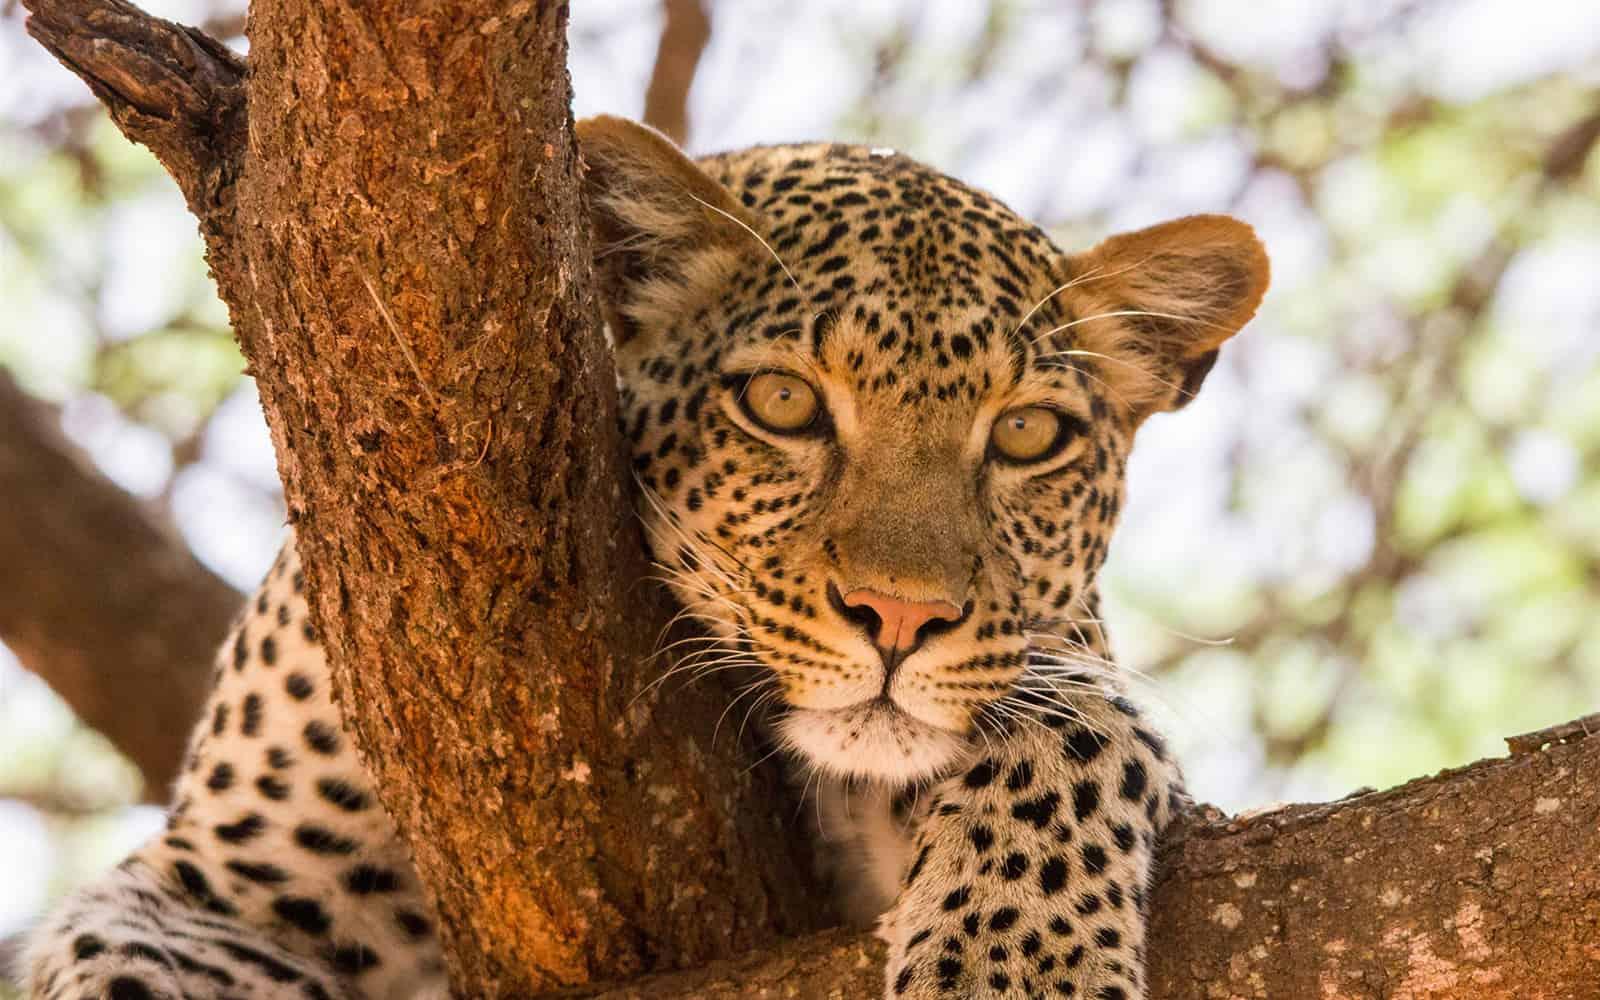 709832leopardselousandmikumitanzaniaeastafricaafrica